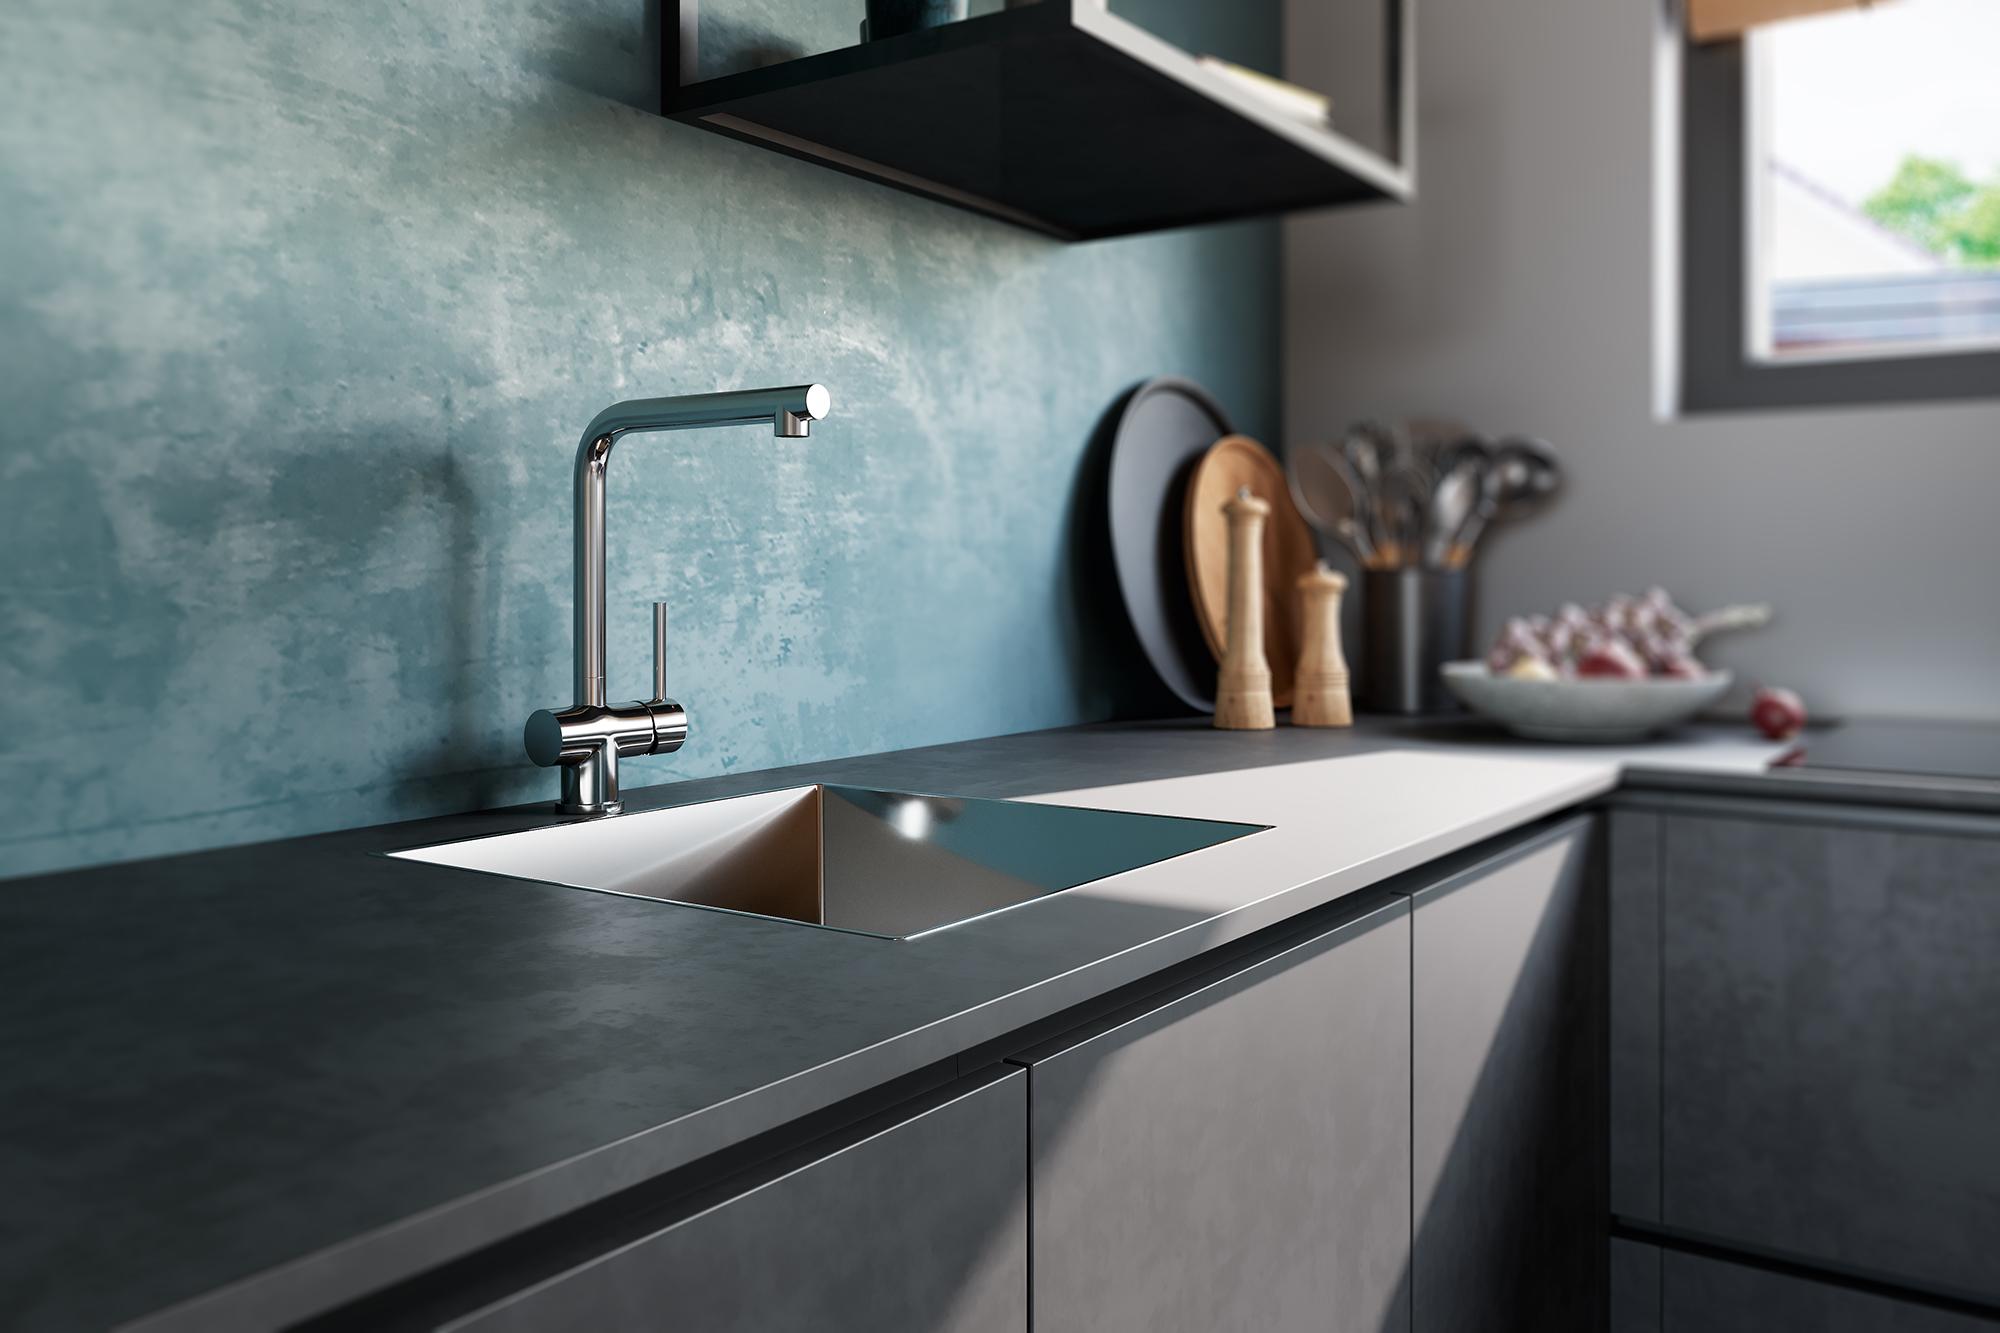 Superkeukens keuken met betonlook. Grijze keuken Rodez Beton Terra Grau #superkeukens #keuken #keukeninspiratie #grijzekeuken #beton #betonlook #keukentrends